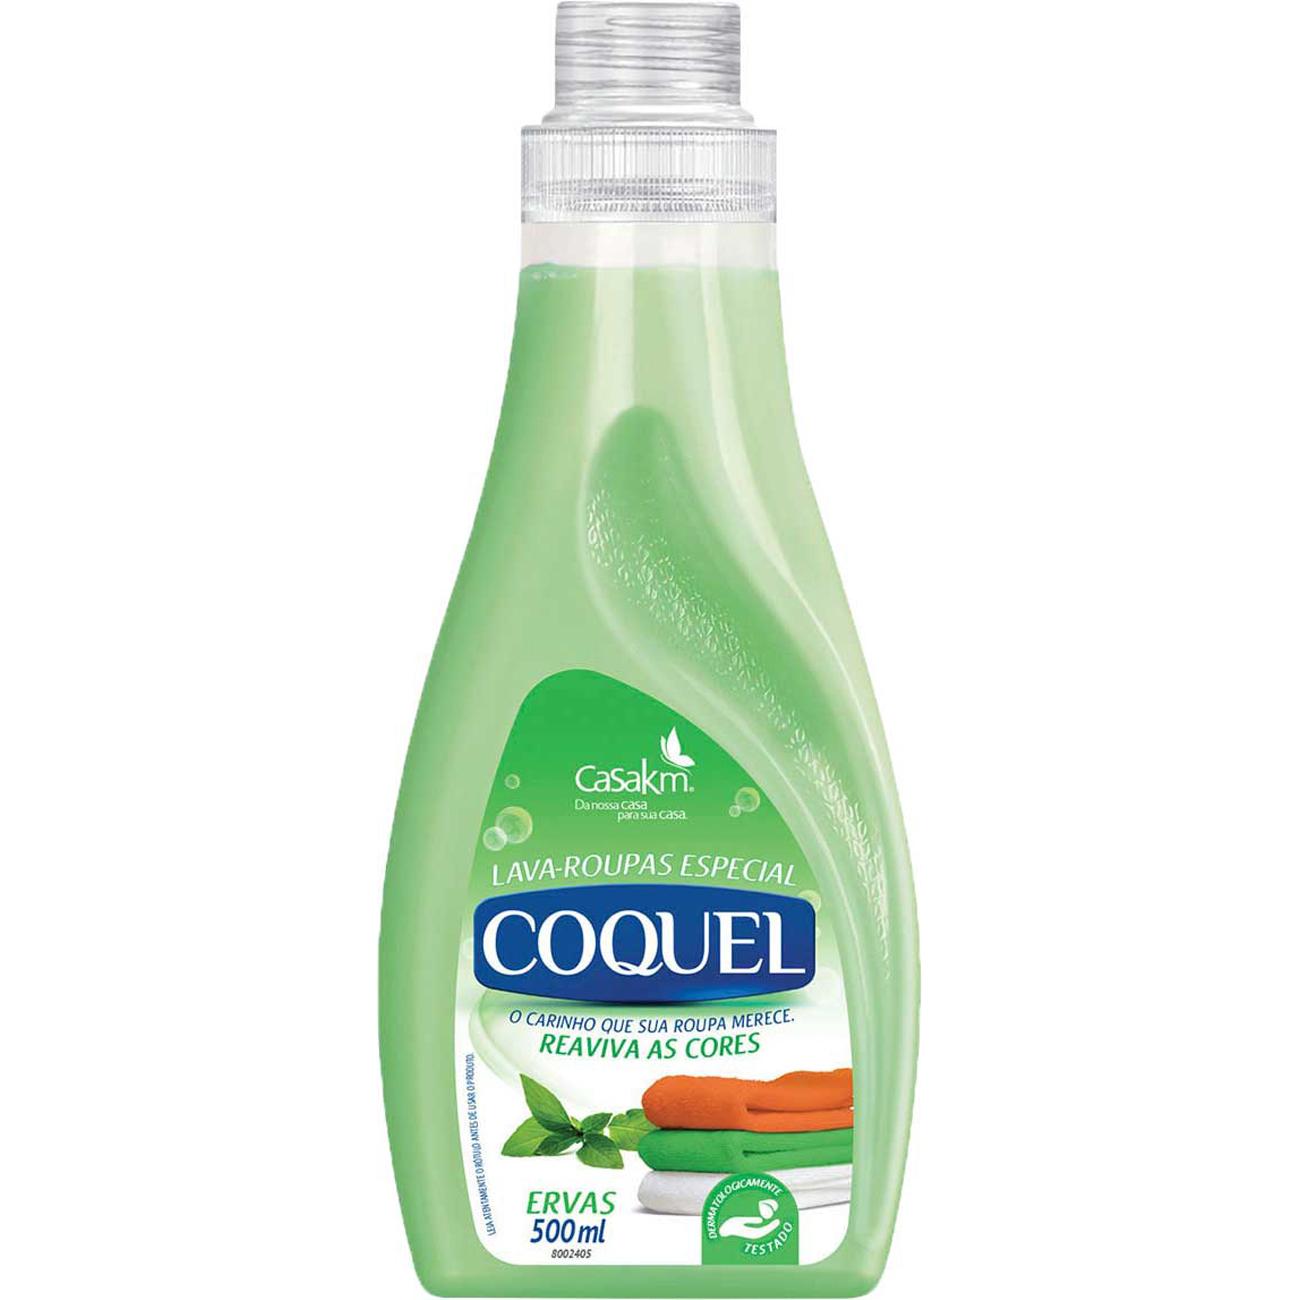 Lava Roupa Liquido Coquel Erva Doce 500Ml